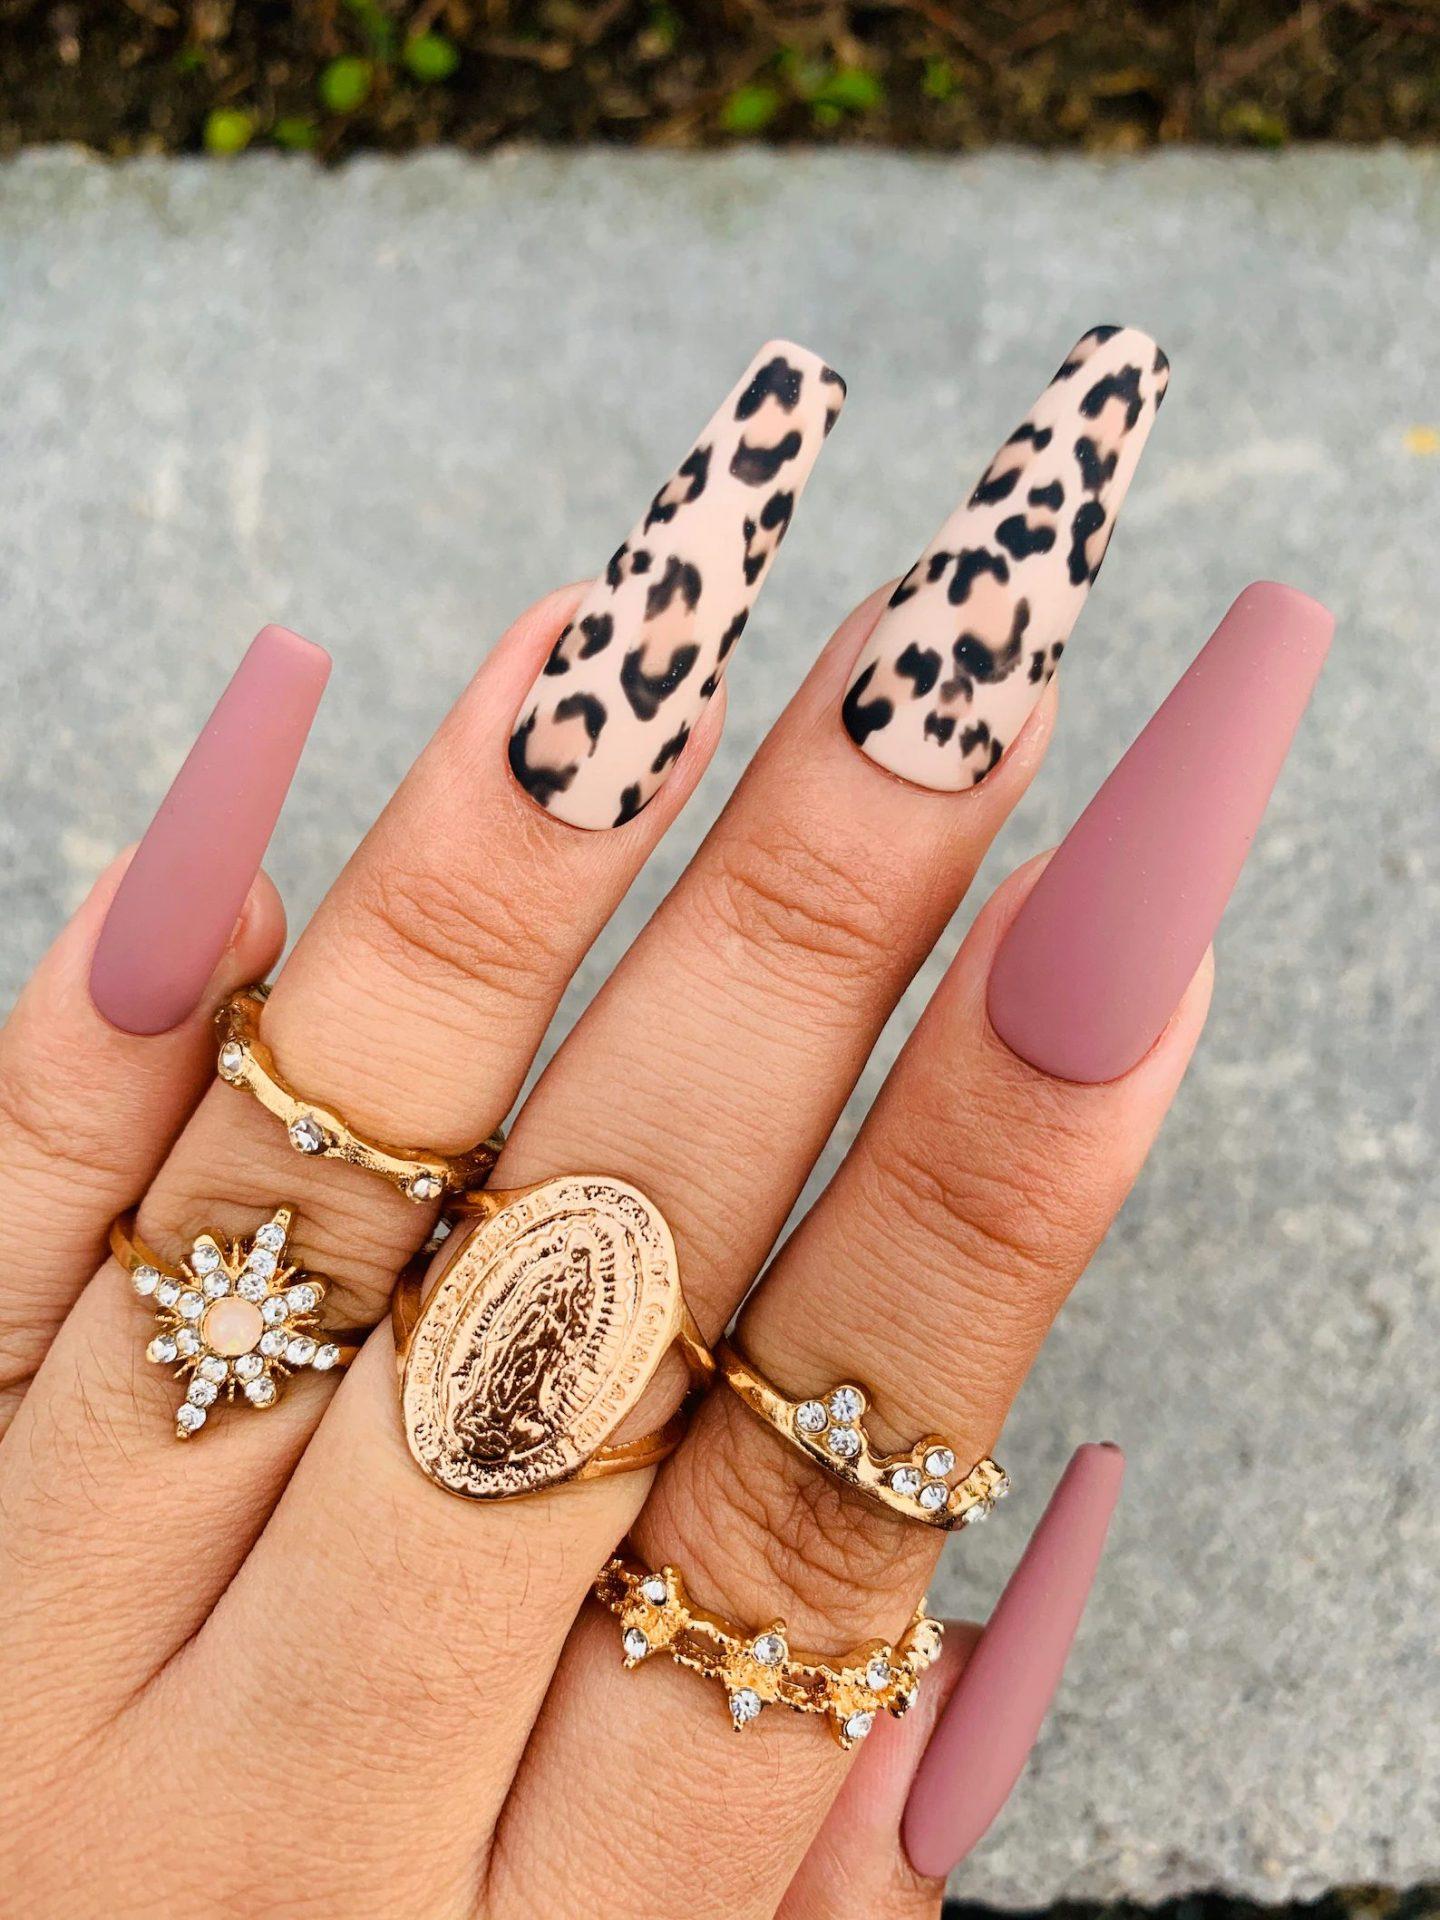 Mauve pink and nude long cheetah print nails